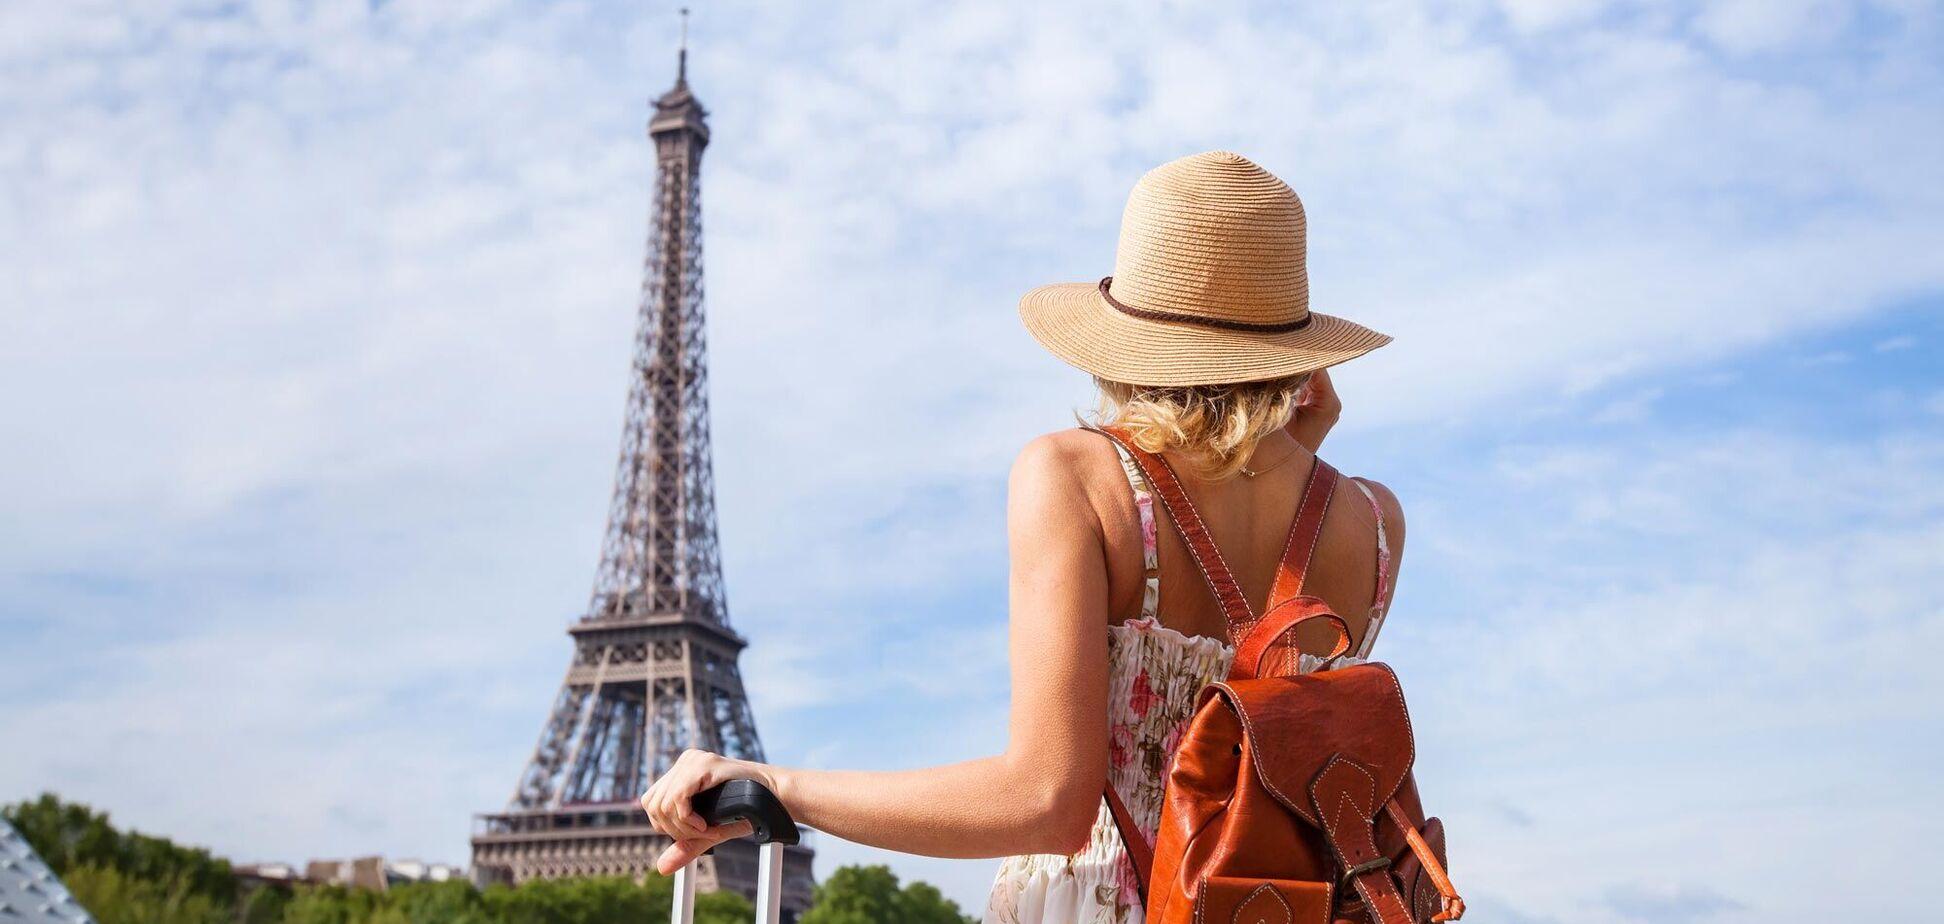 Названо самое разочаровывающее туристов место в мире. Источник: paris-france-tour.com